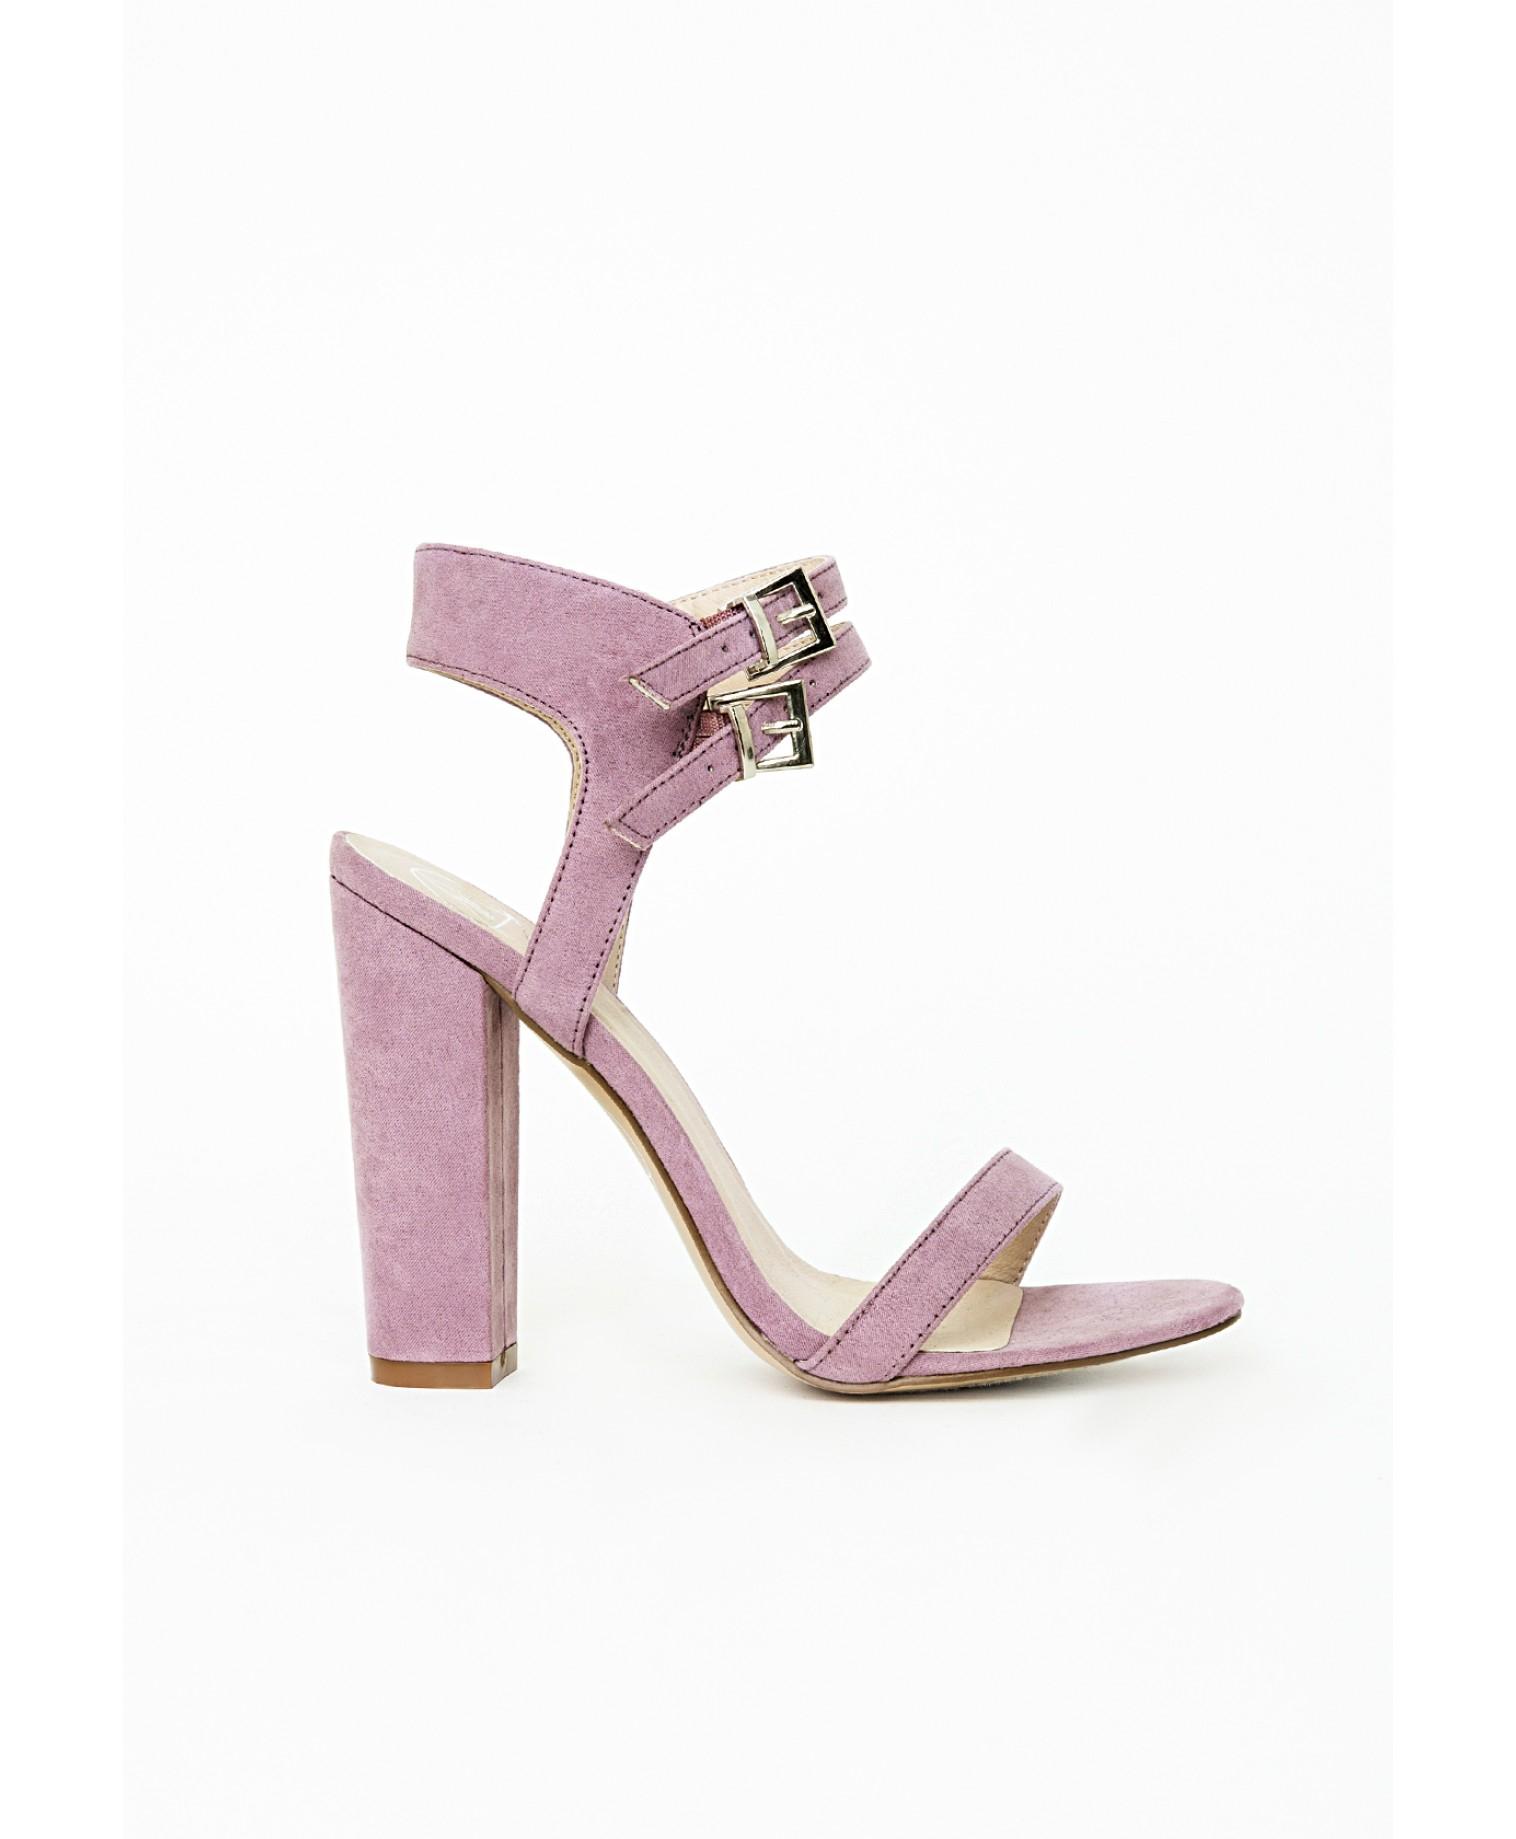 Purple Block Heels - Is Heel